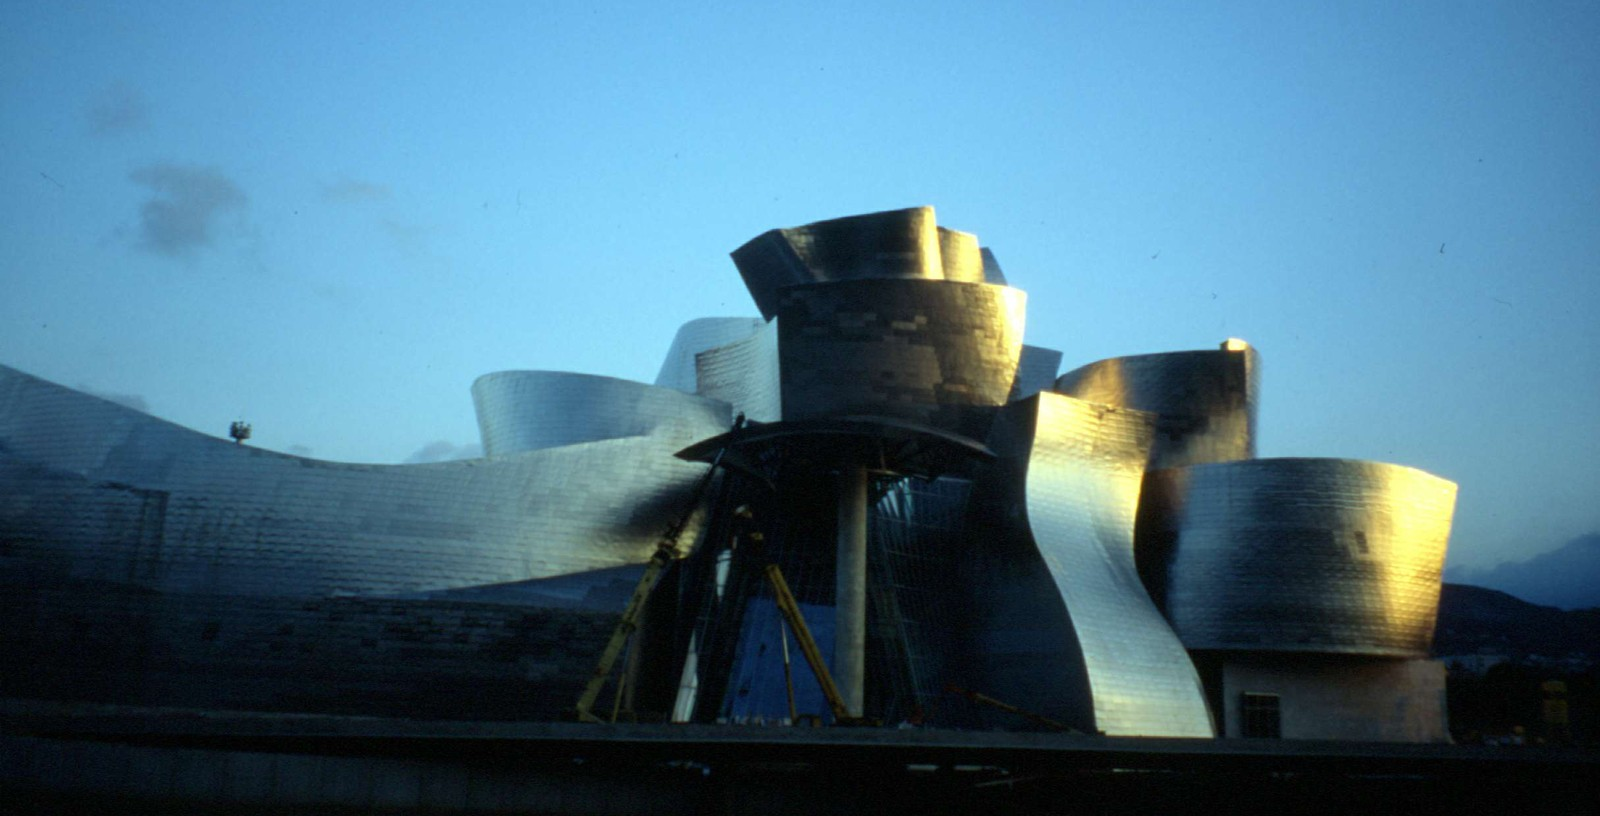 Guggenheim_Museum_Bilbao_01_Building_Idom